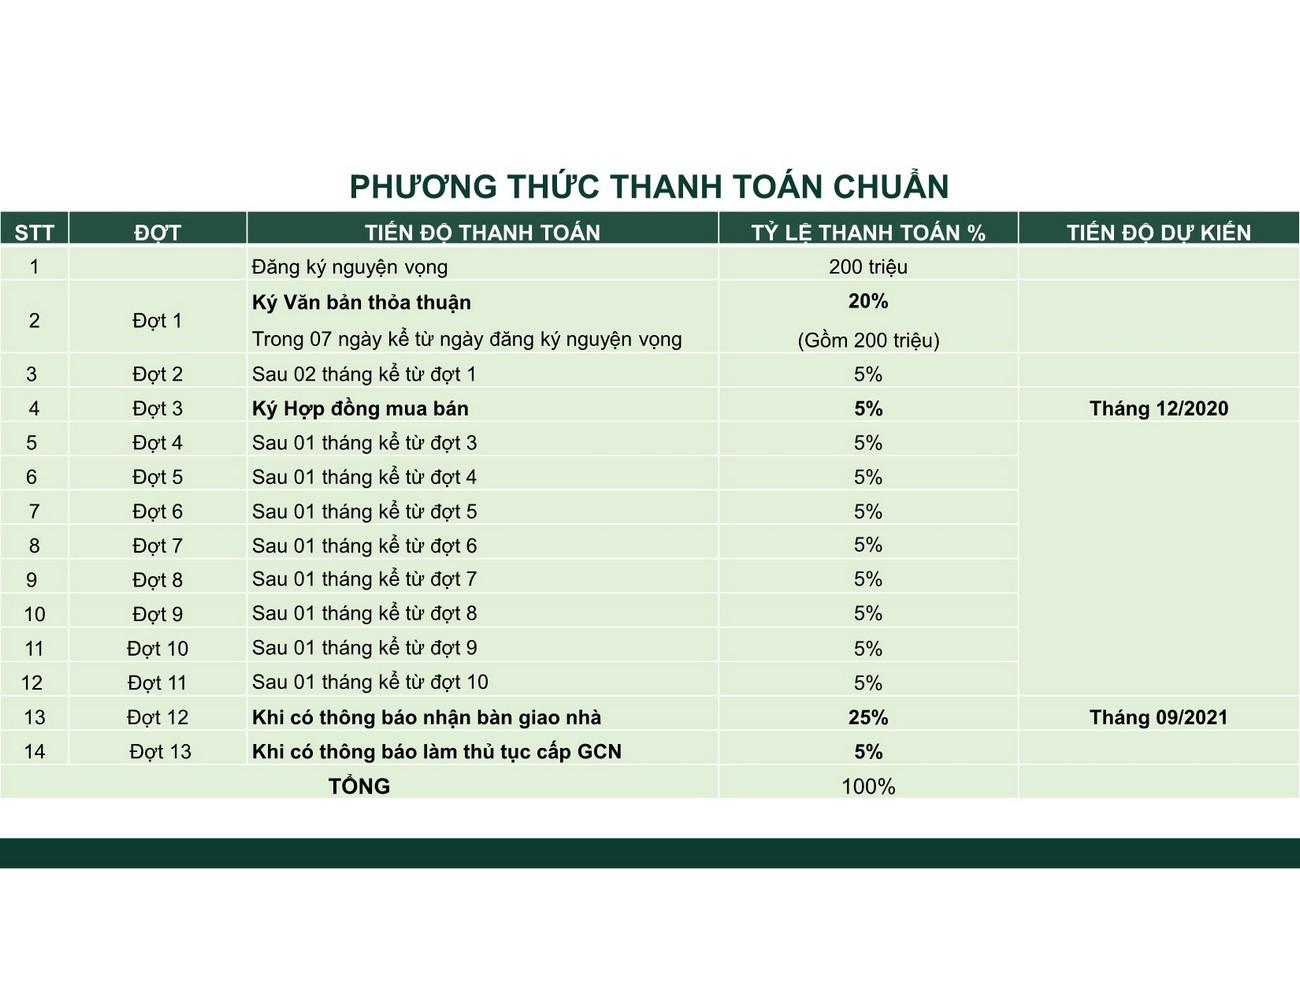 Phương thức thanh toán dự án Nhà phố Diamond Central Biên Hòa Đường Võ Thị Sáu chủ đầu tư Gotec Land